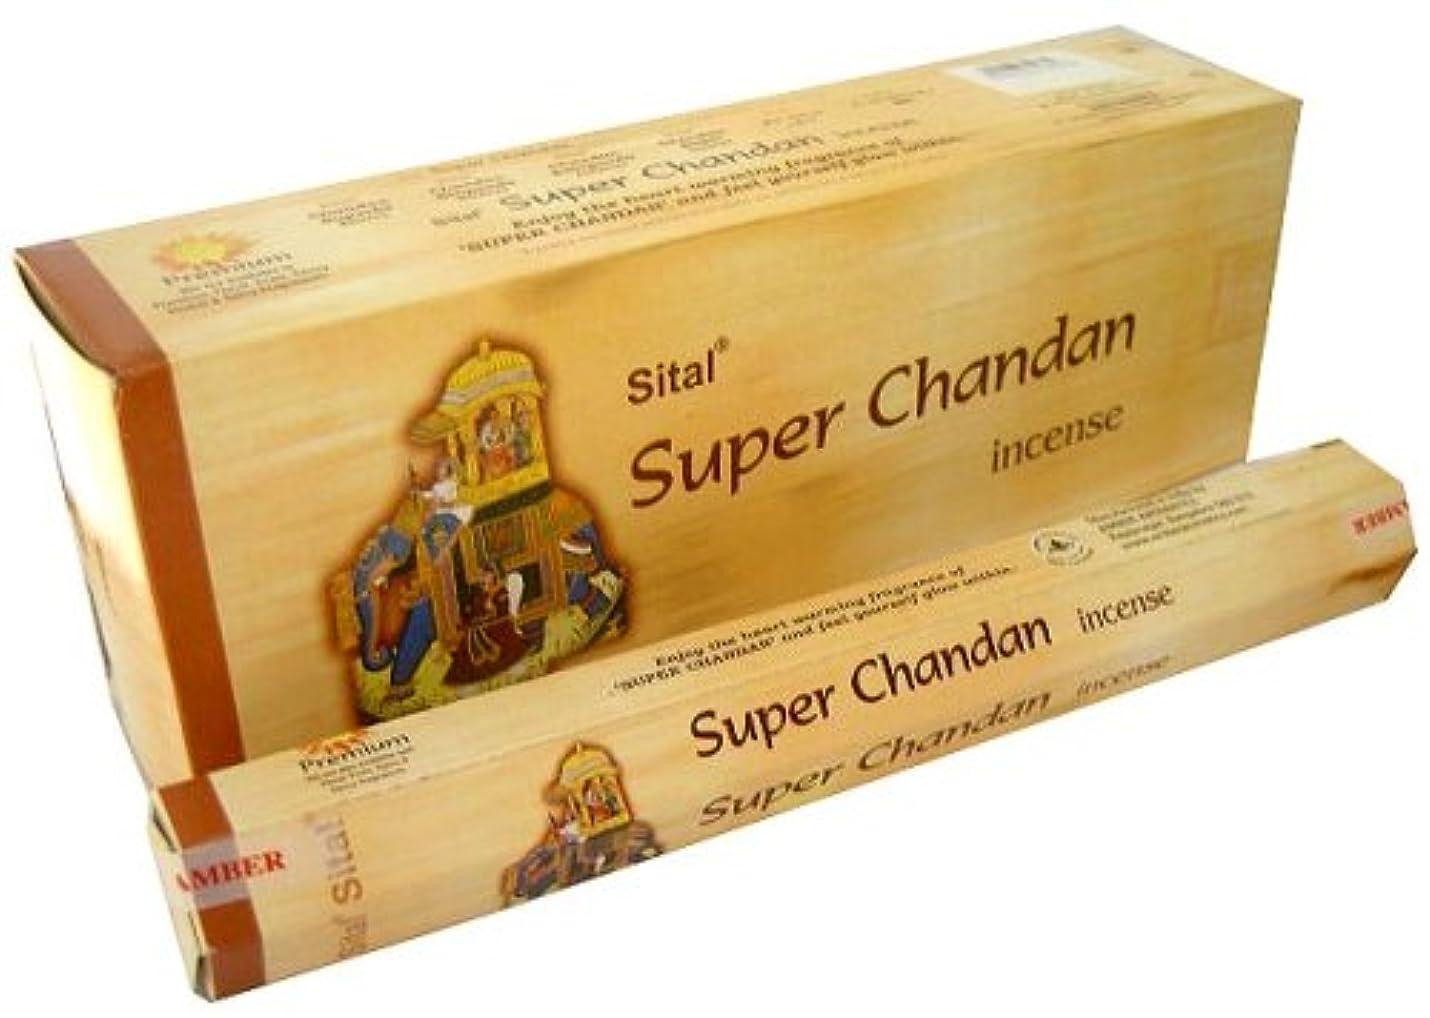 情熱的意味のある無人Sital スーパーチャンダン 3個セット